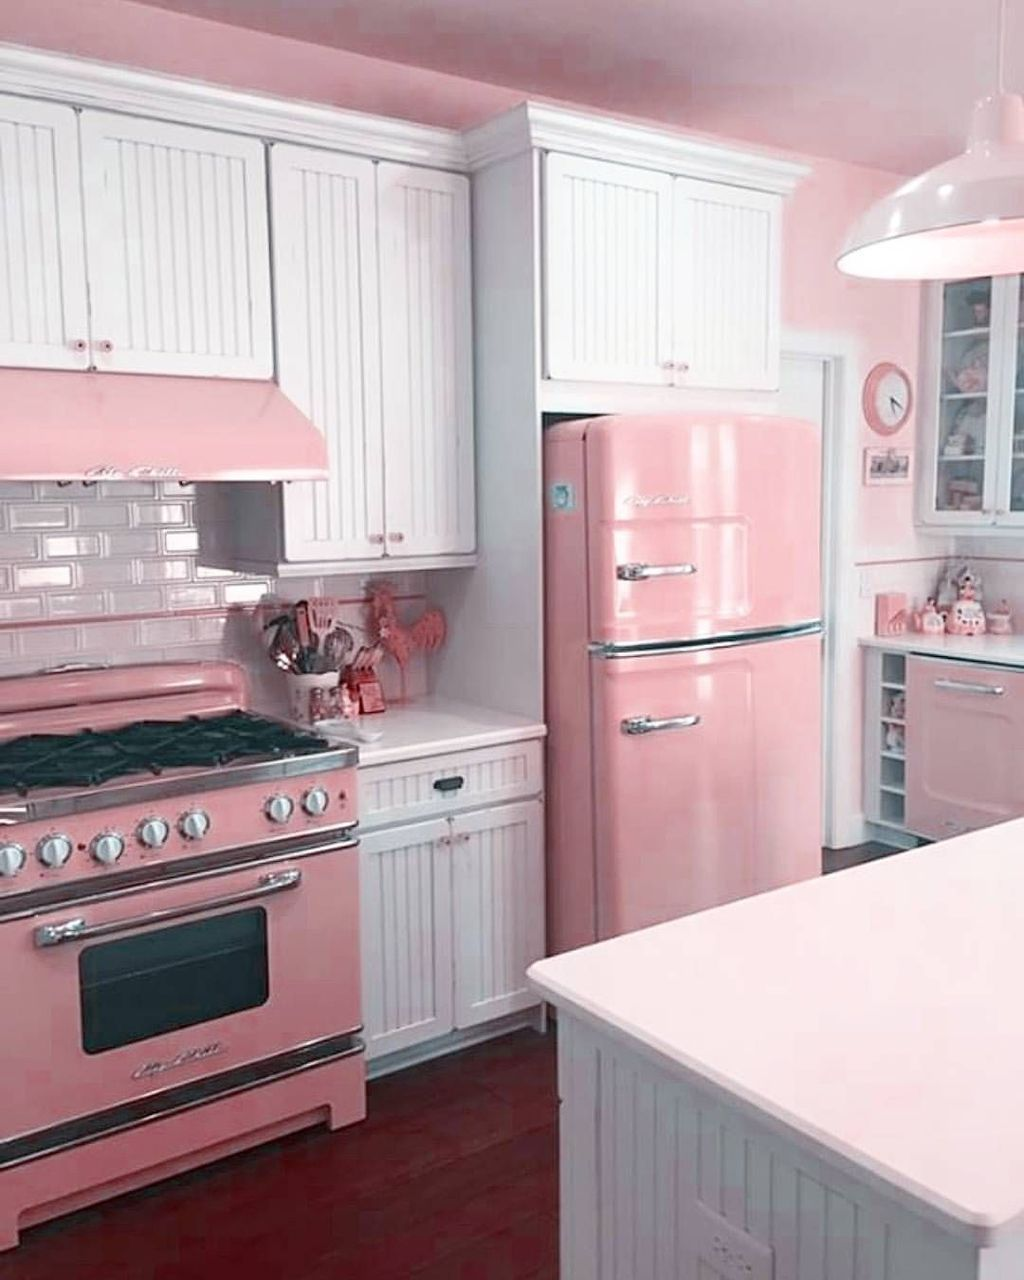 33 Awesome Retro Kitchen Design Ideas Magzhouse Chic Kitchen Decor Shabby Chic Kitchen Pink Kitchen